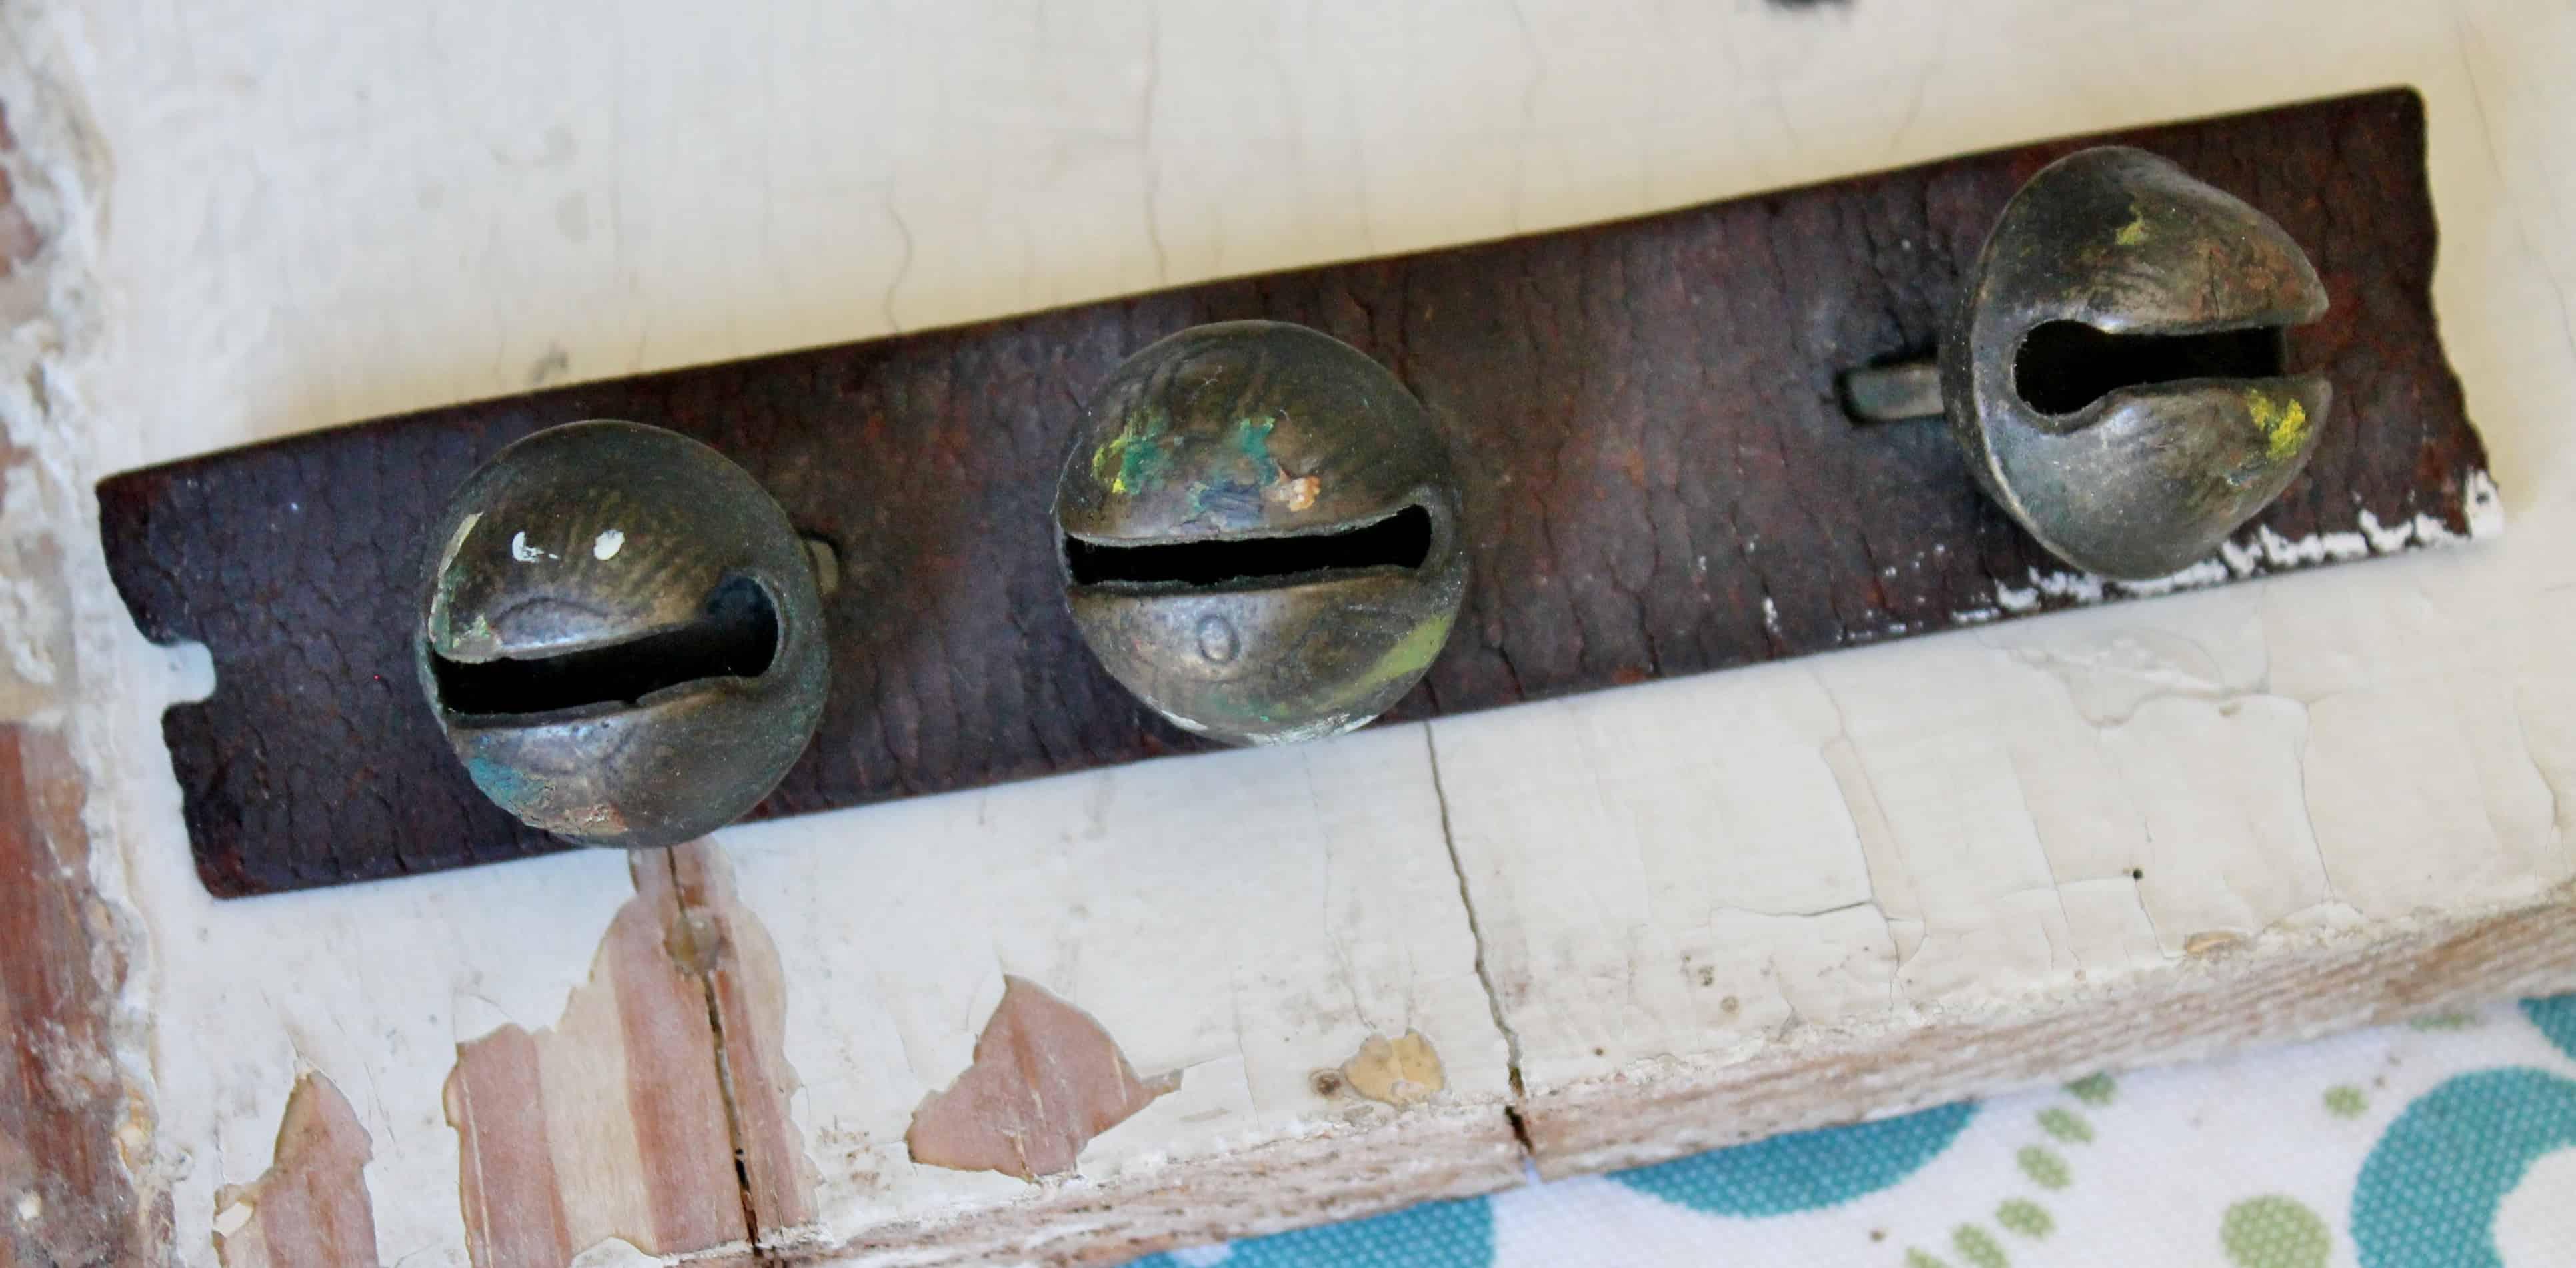 Oiled set of antique bells